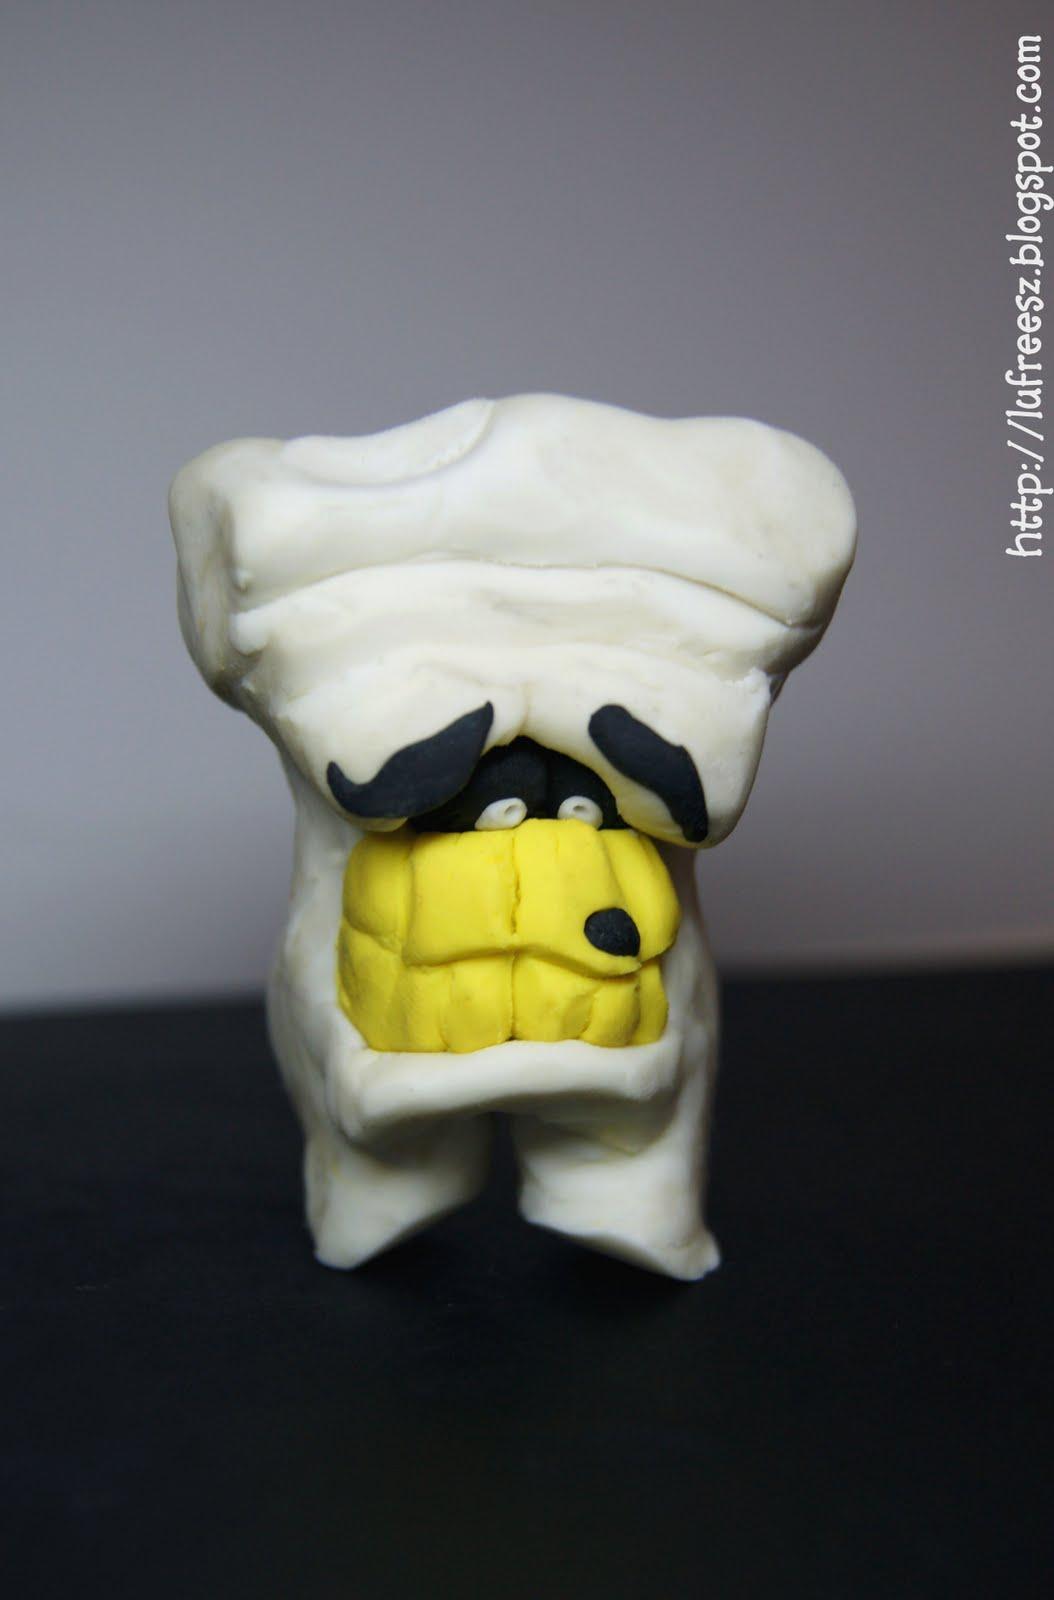 http://3.bp.blogspot.com/-06Oe5ogQQ7o/TWgHjNxMvQI/AAAAAAAAAcY/sX5Rdw-JaTY/s1600/toothache.jpg